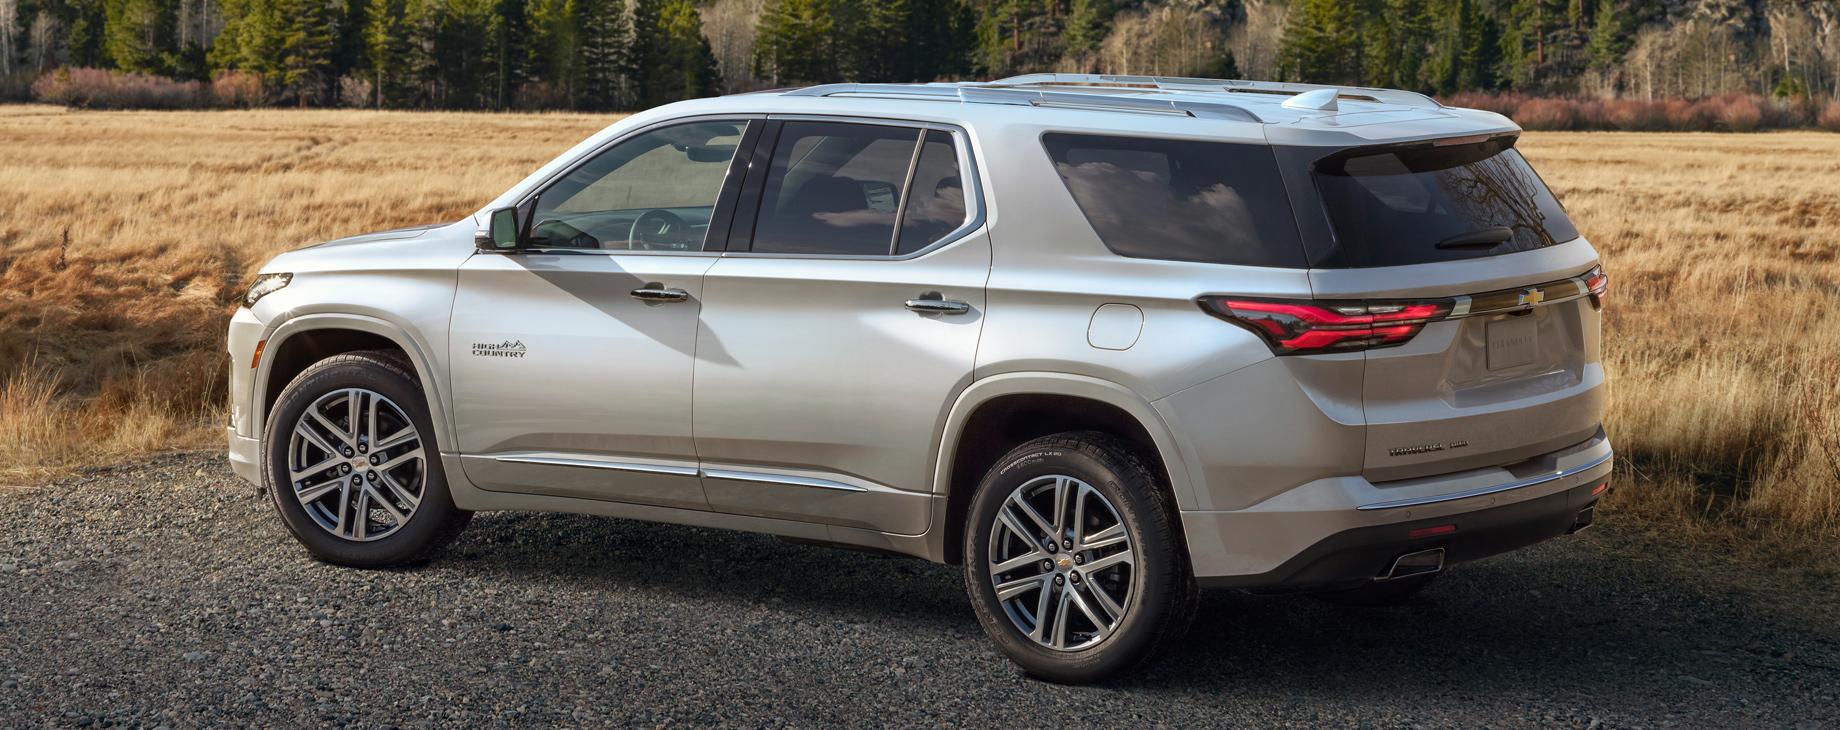 Обновлённый паркетник Chevrolet Traverse улучшил оснащение